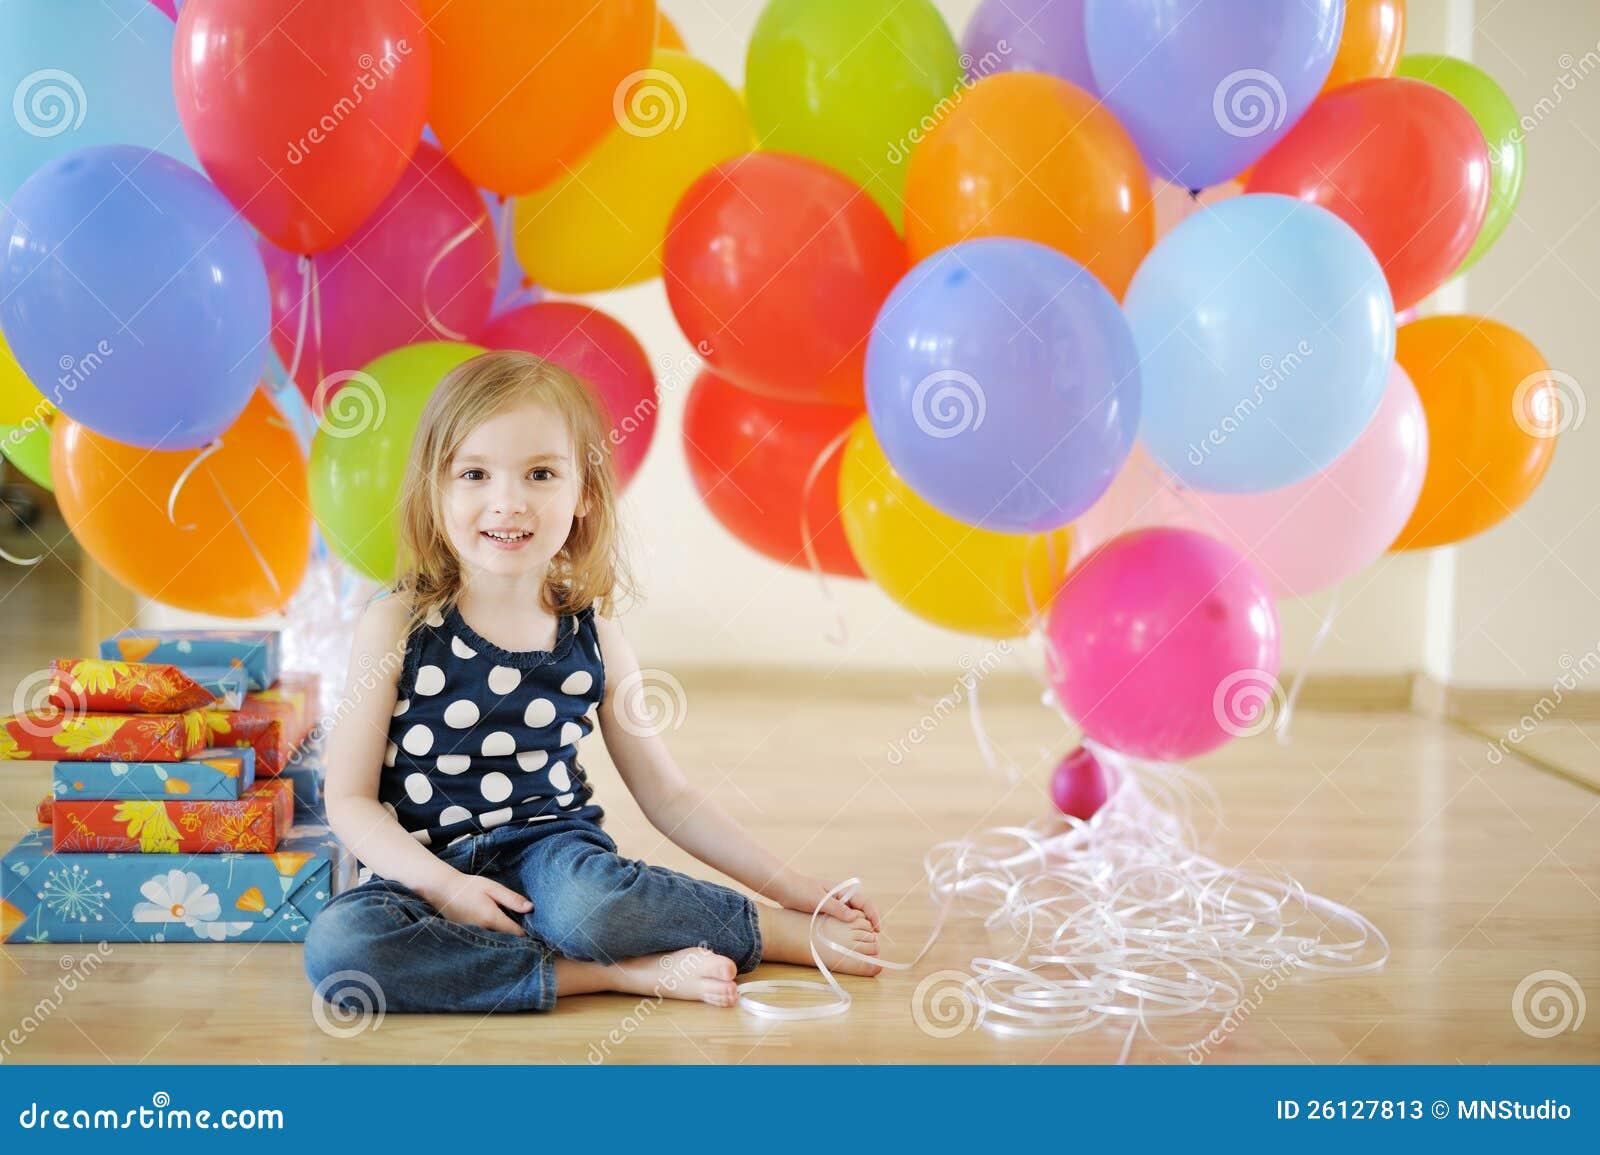 Эротические фото с воздушными шариками 9 фотография